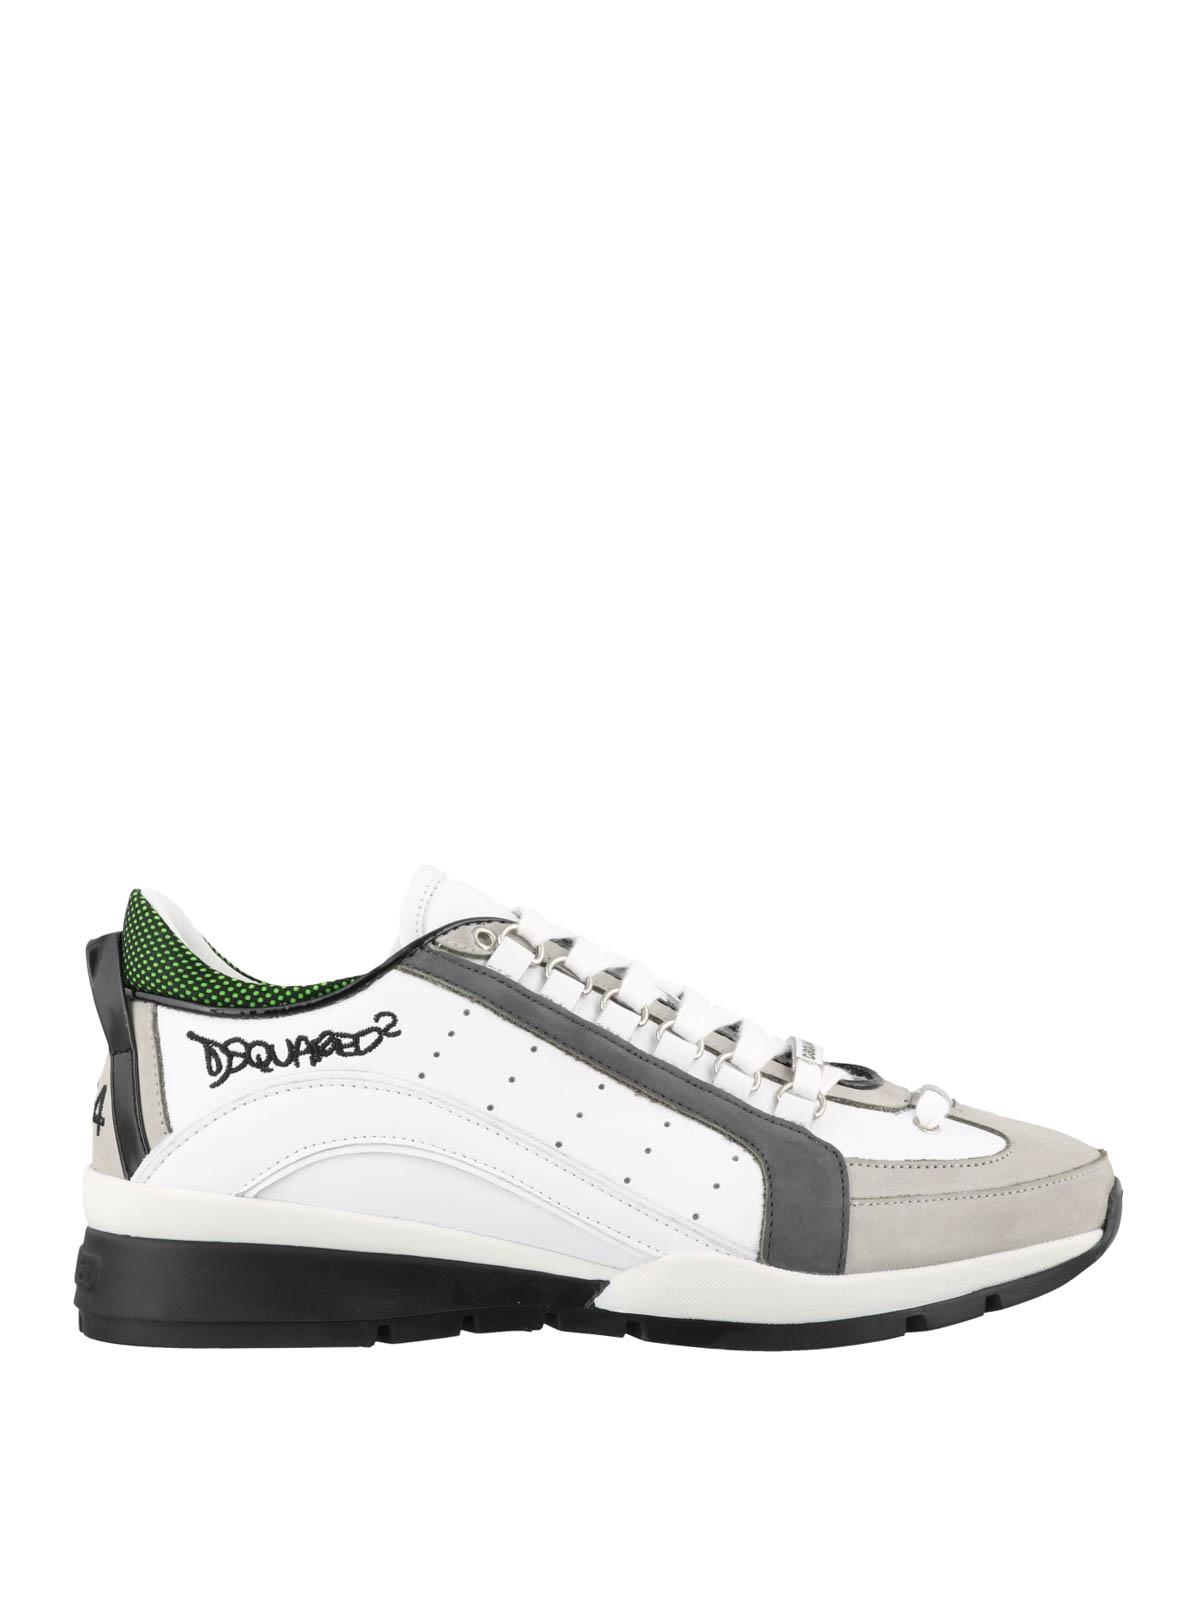 Dsquared2 - Sneaker 551 bianca e grigia in pelle - sneakers ... 099798f335e